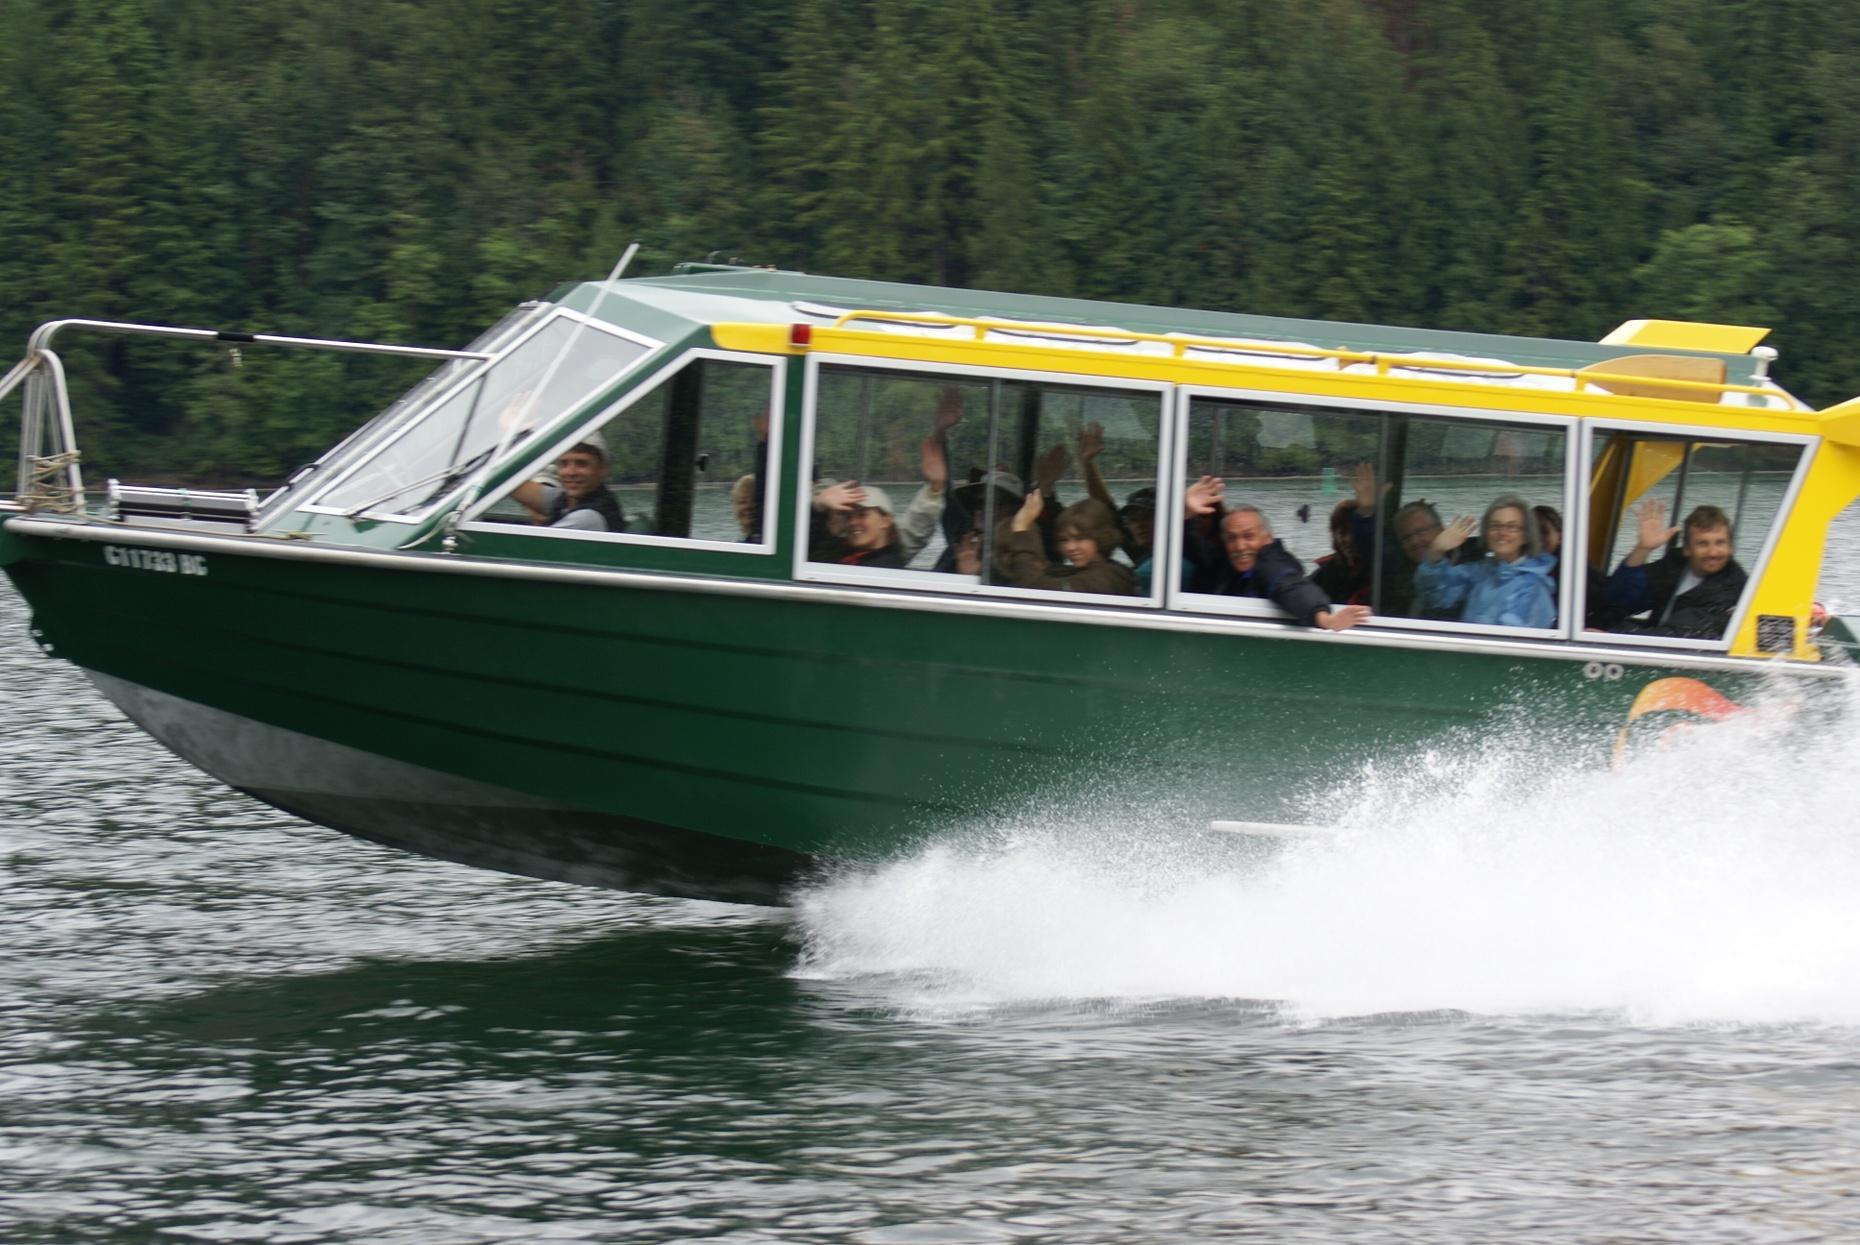 Fraser River Custom Boat Tour in Mission